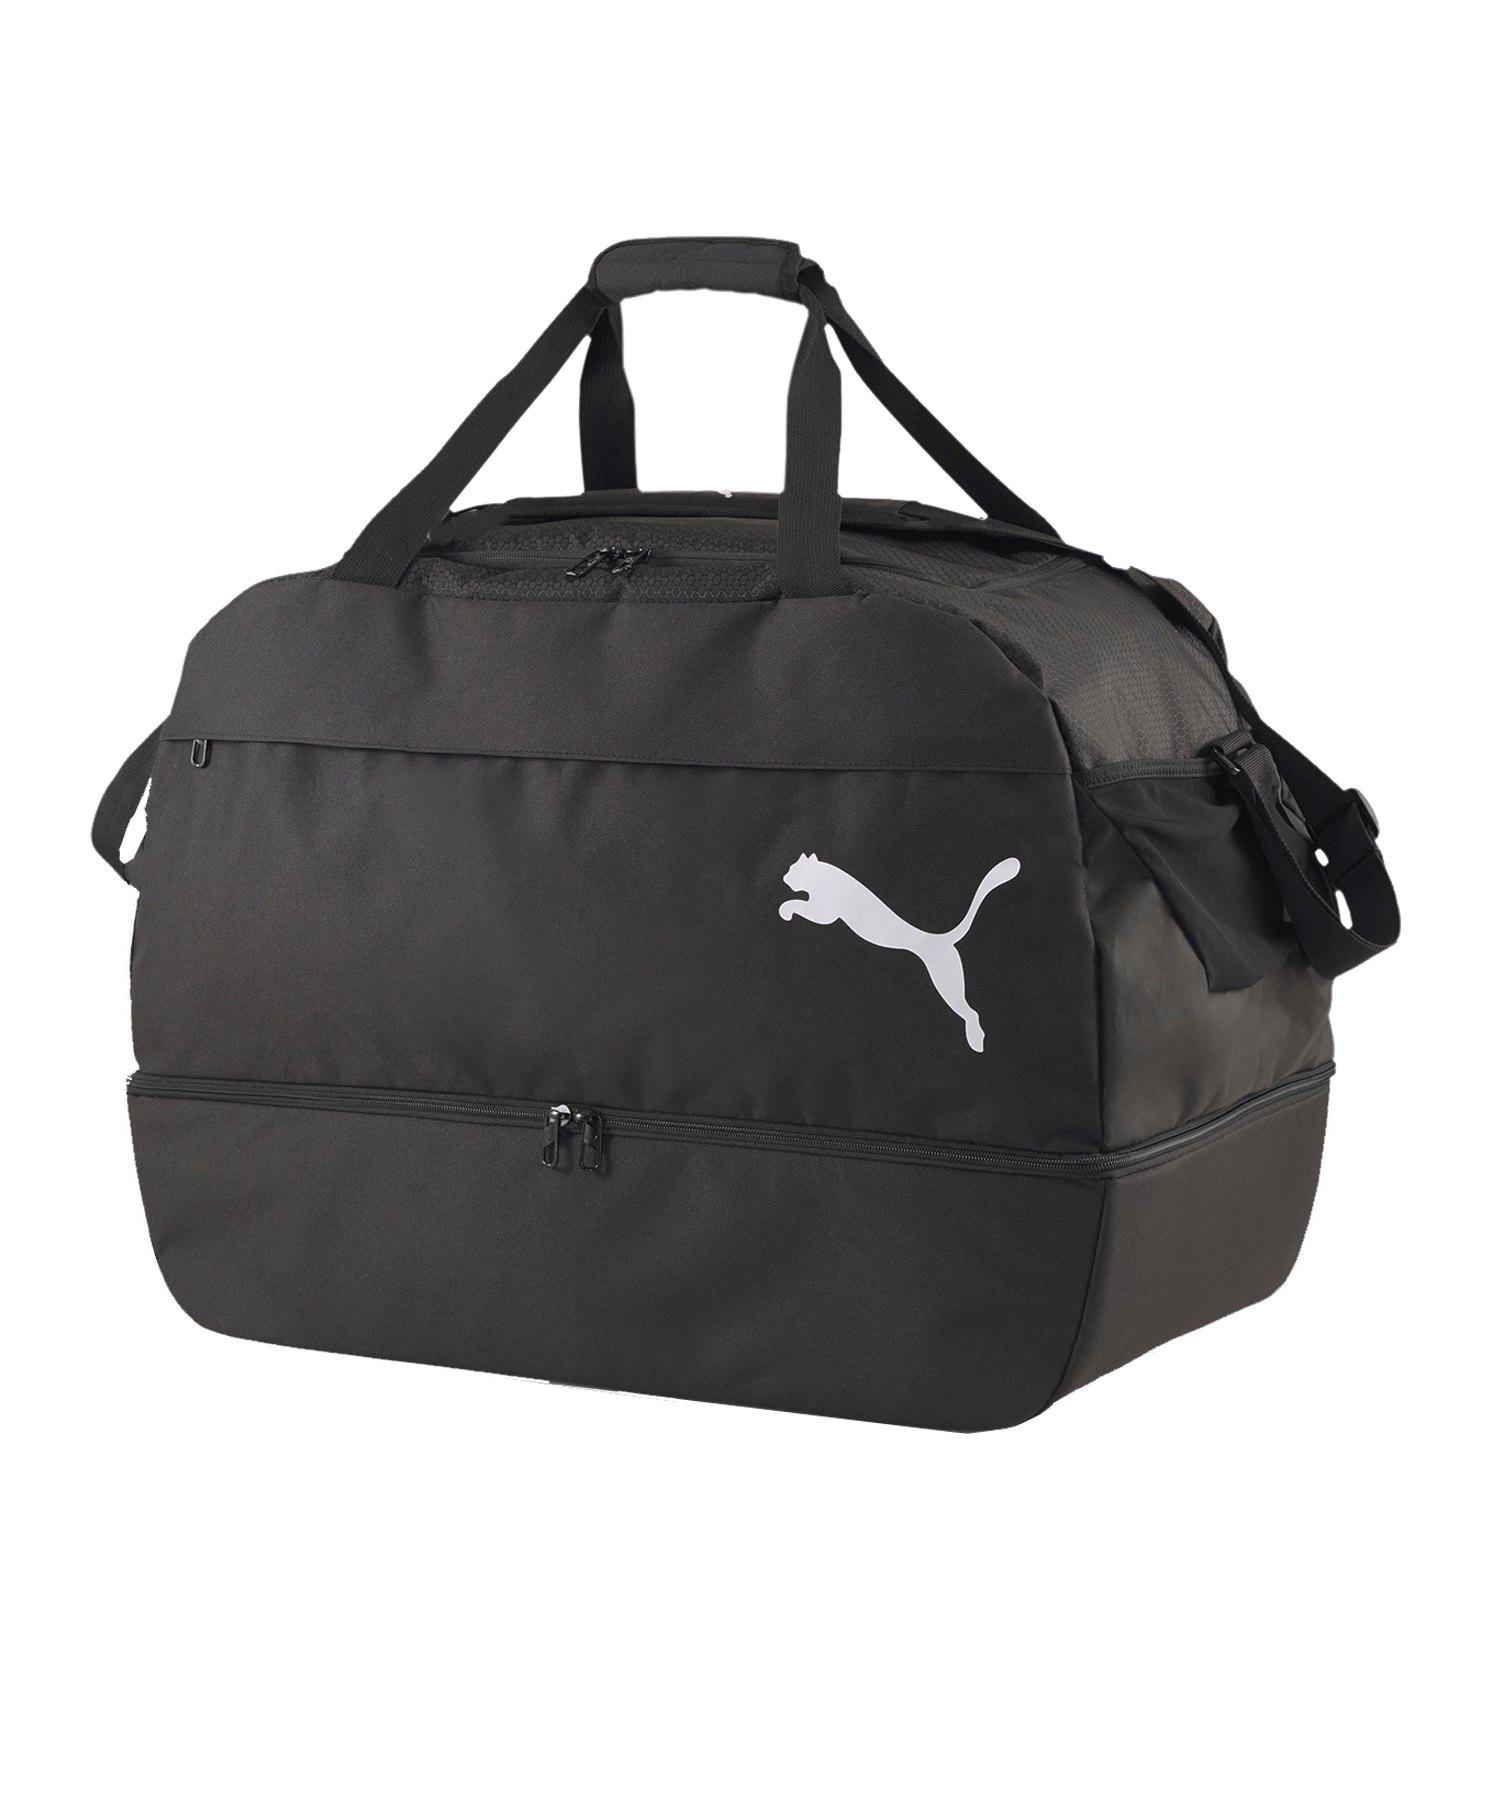 PUMA teamFINAL 21 Teambag Sporttasche BC Gr. M F03 - schwarz